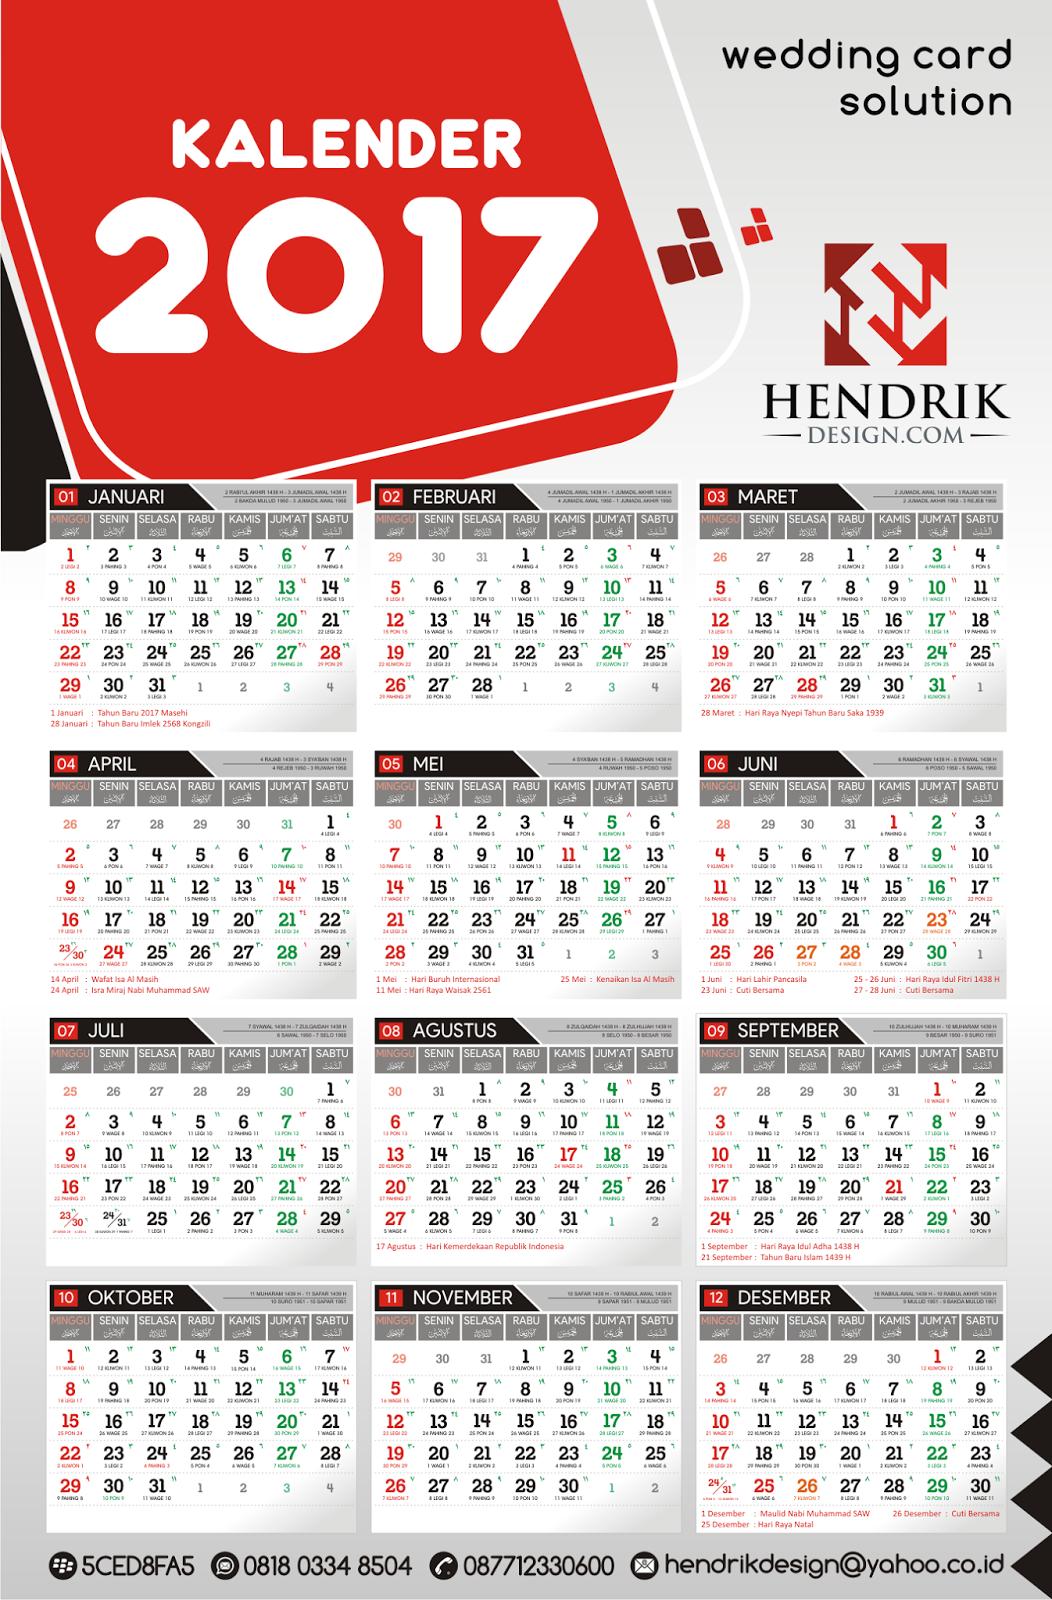 Kalender Nasional 2017 : kalender, nasional, Desain, Percetakan, Undangan, Pernikahan, Termurah, Download, Kalender, Vector, GRATIS, Komplit, Nasional, Islami